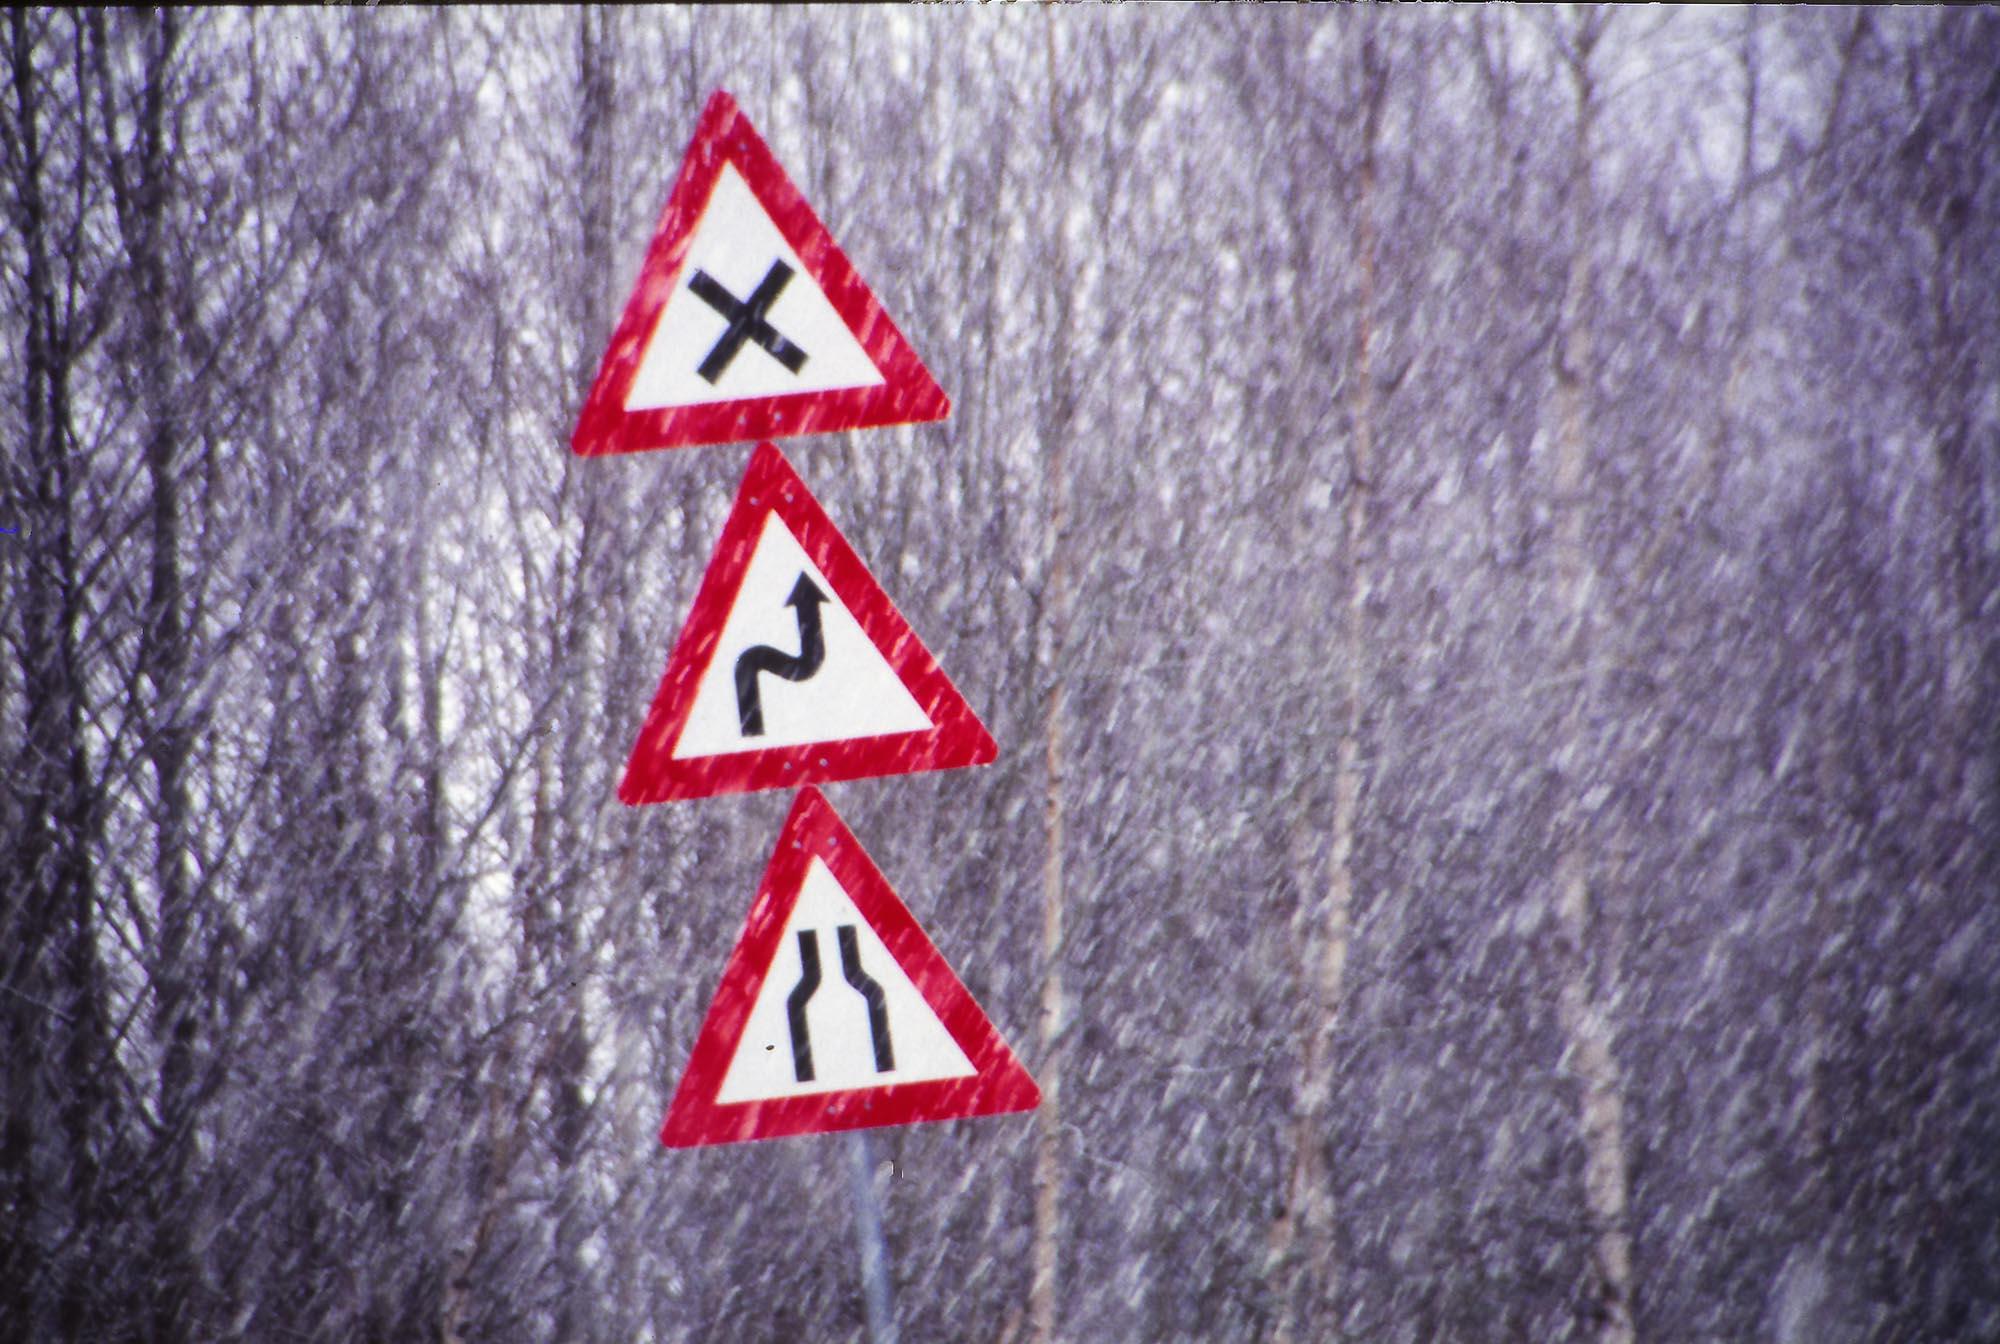 Statens vegvesen skriver: Trafikksikkerhetsarbeidet i Norge skal være basert på en visjon om at det ikke skal forekomme ulykker med drepte og hardt skadde i vegtrafikken- nullvisjonen. I 2024 skal det være maksimalt 500 drepte og hardt skadde i vegtrafikken. Visjonen gjelder vel også Ringebu, som nå blir eneste tettsted mellom Oslo og Dombås som har all trafikken på E6 gjennom et trangt og uoversiktlig sentrum. Daglig passerer nesten 7000 kjøretøy på det meste, og tungtrafikkdelen er på over 20% og øker hvert år. Vi har mange svært farlige fotgjengeroverganger og plankryss i sentrum, så nå har vi ikke råd til å vente lenger. Vi må ha ny vei før noen blir drept.